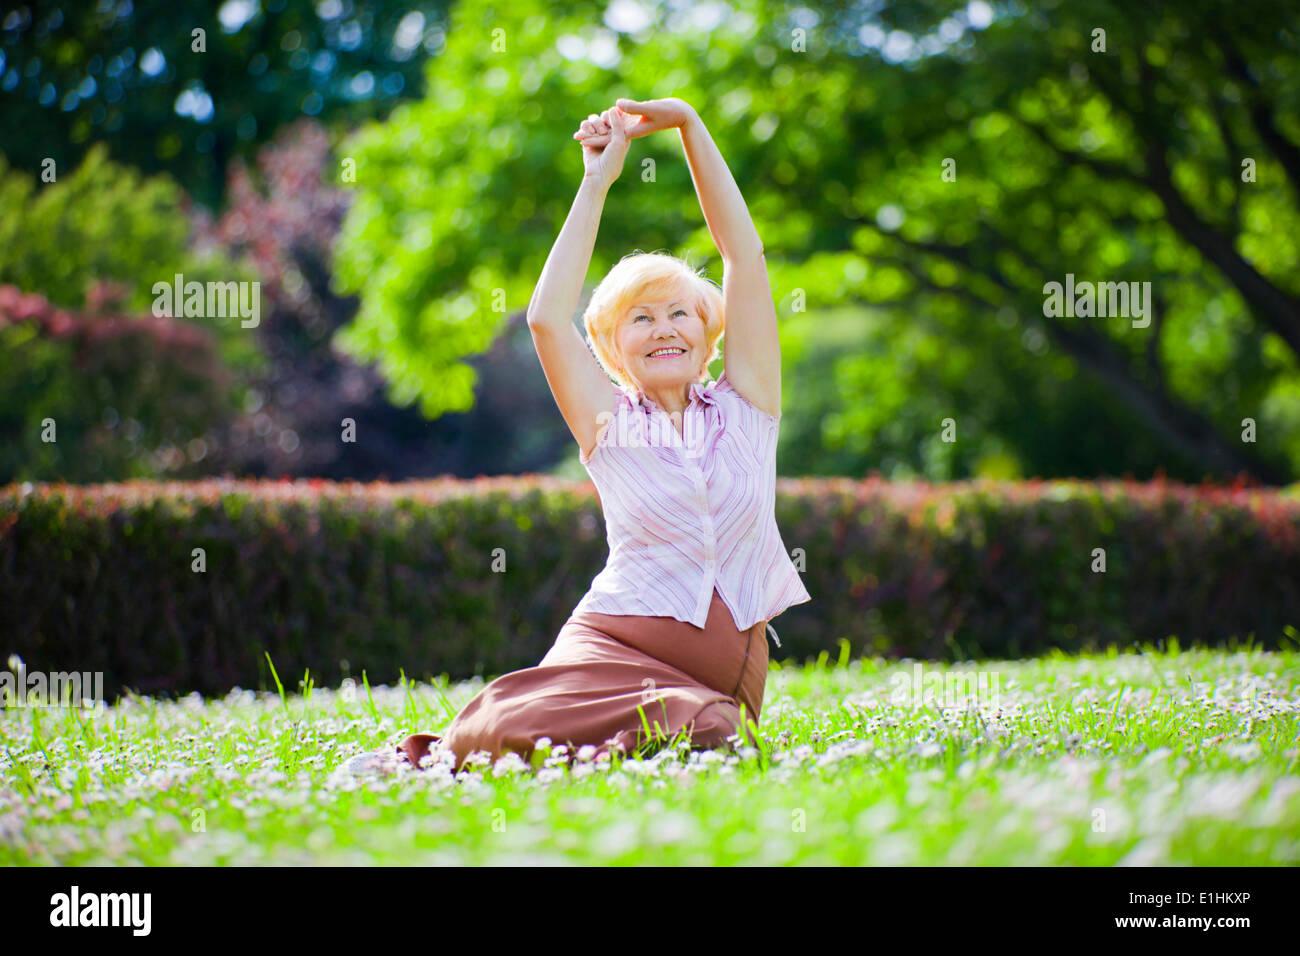 Le bien-être. La santé mentale. Vieille Femme optimiste l'exercice en plein air. Photo Stock